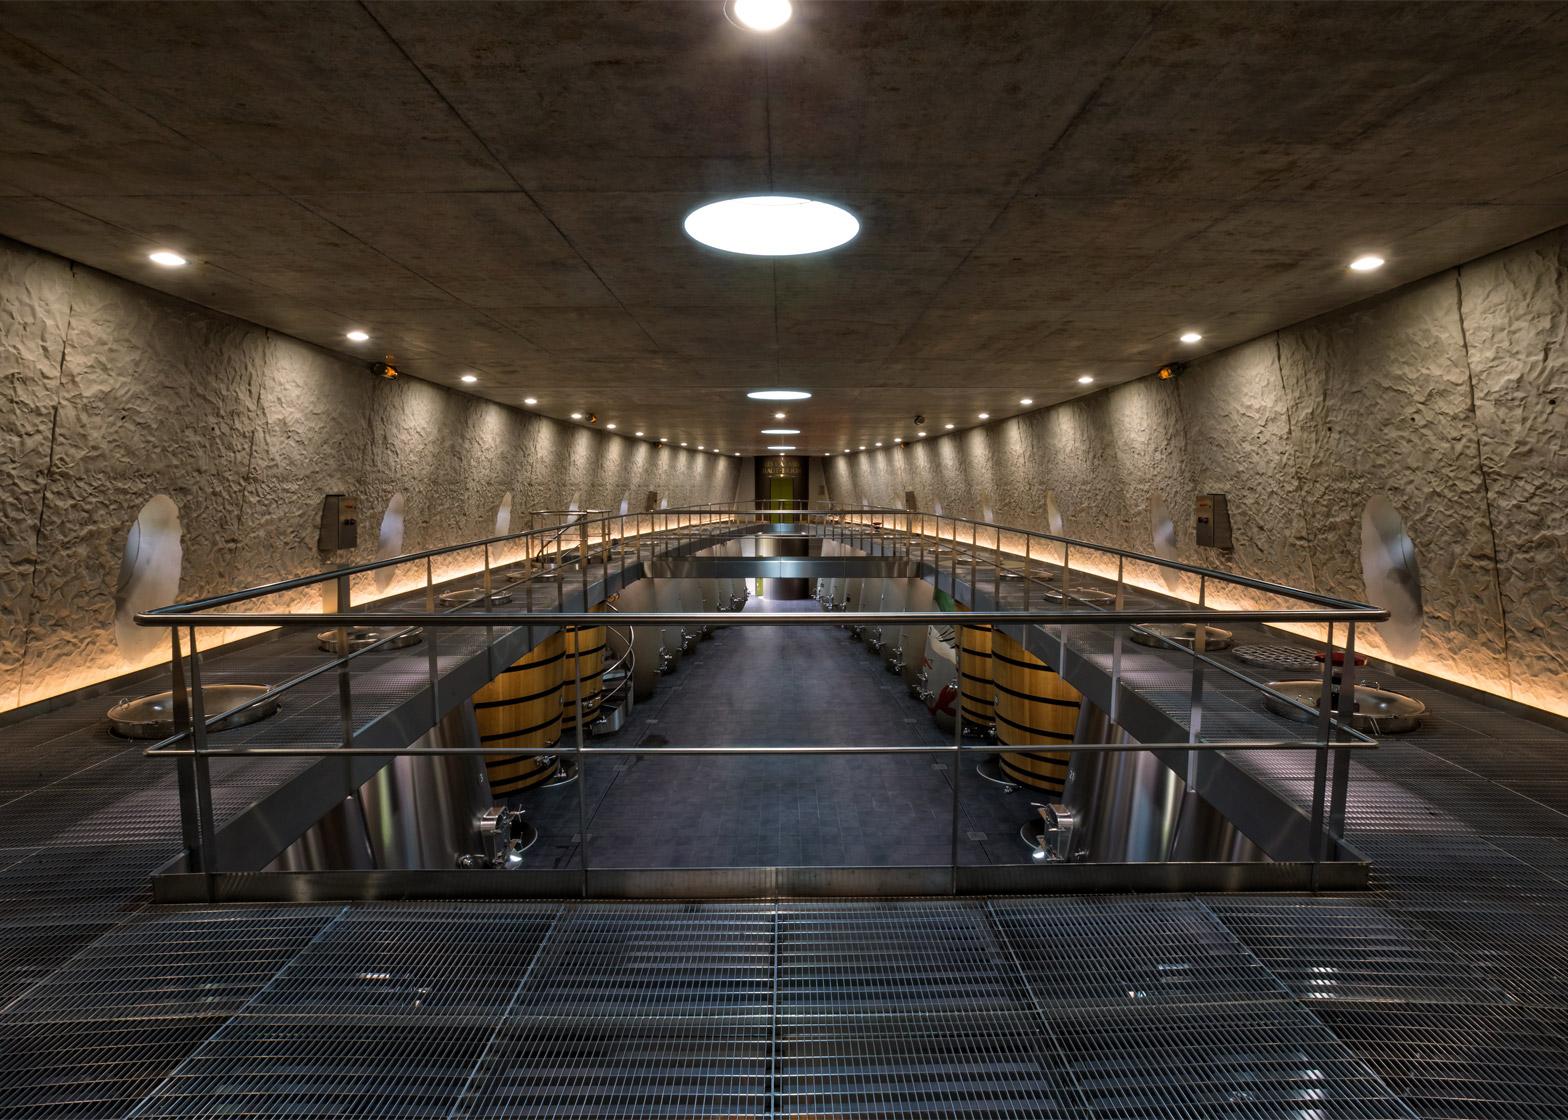 Château les Carmes Haut-Brion cellar by Philippe Starck